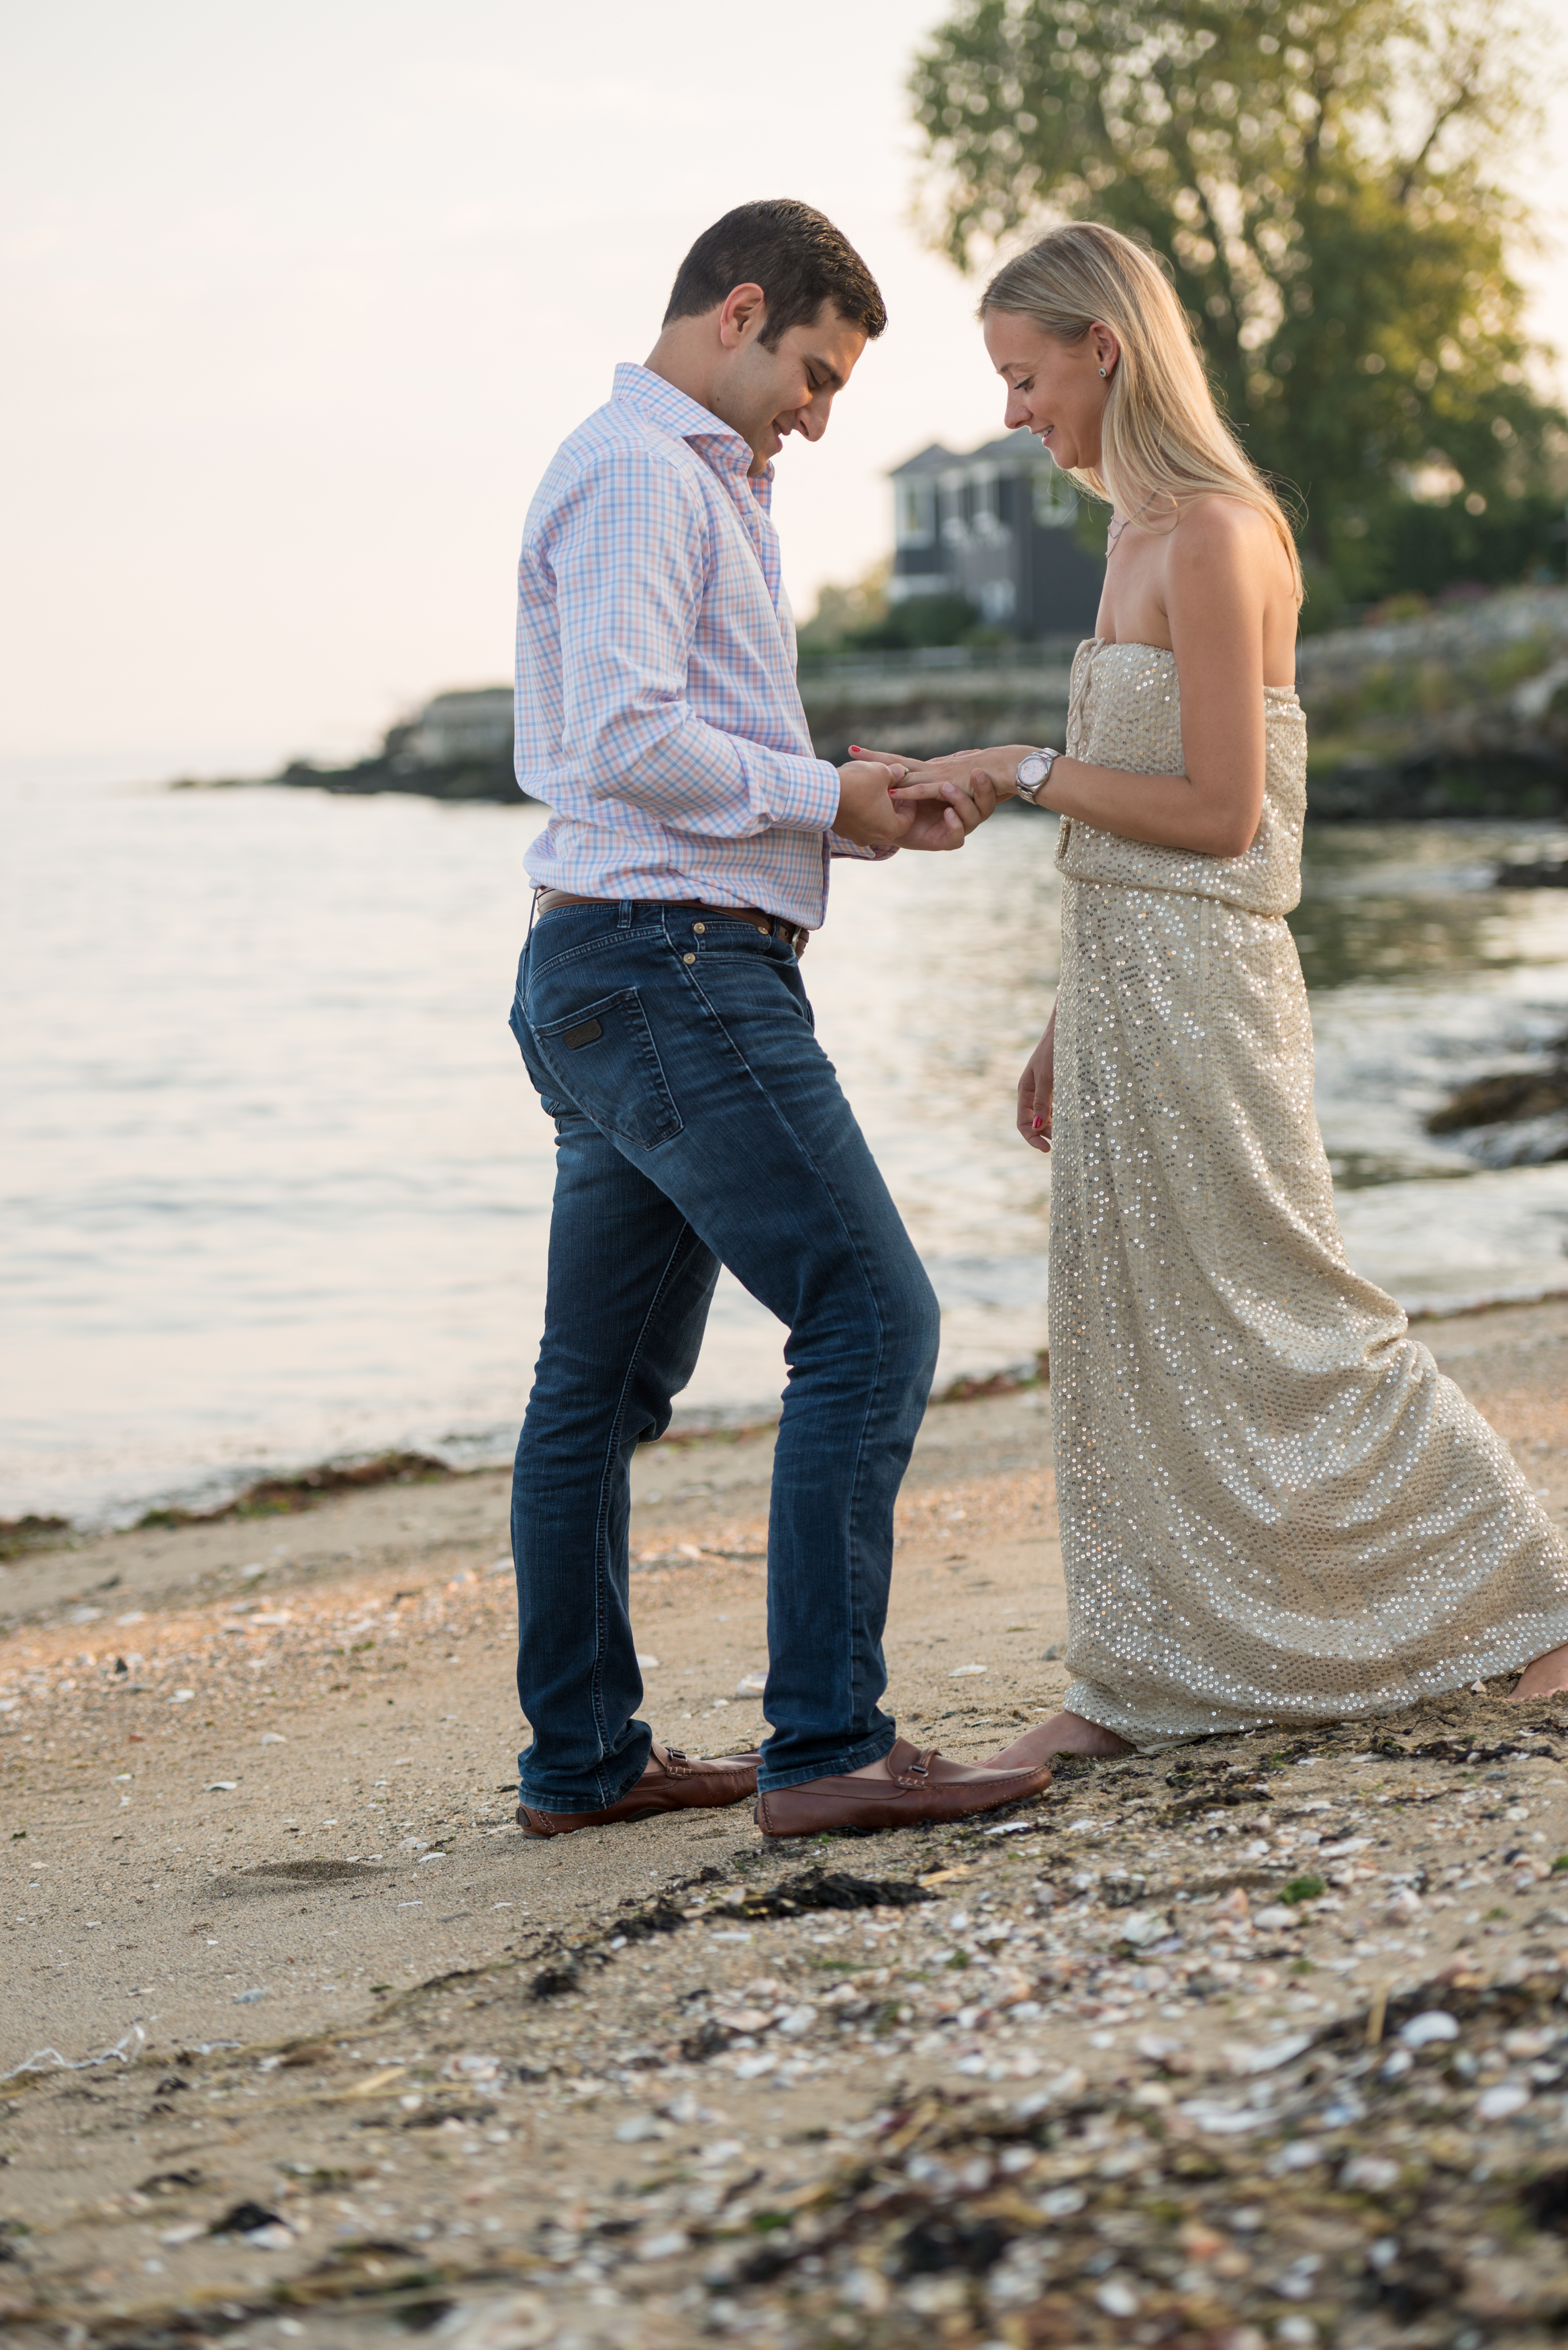 Proposal-Photos-091617-36.jpg